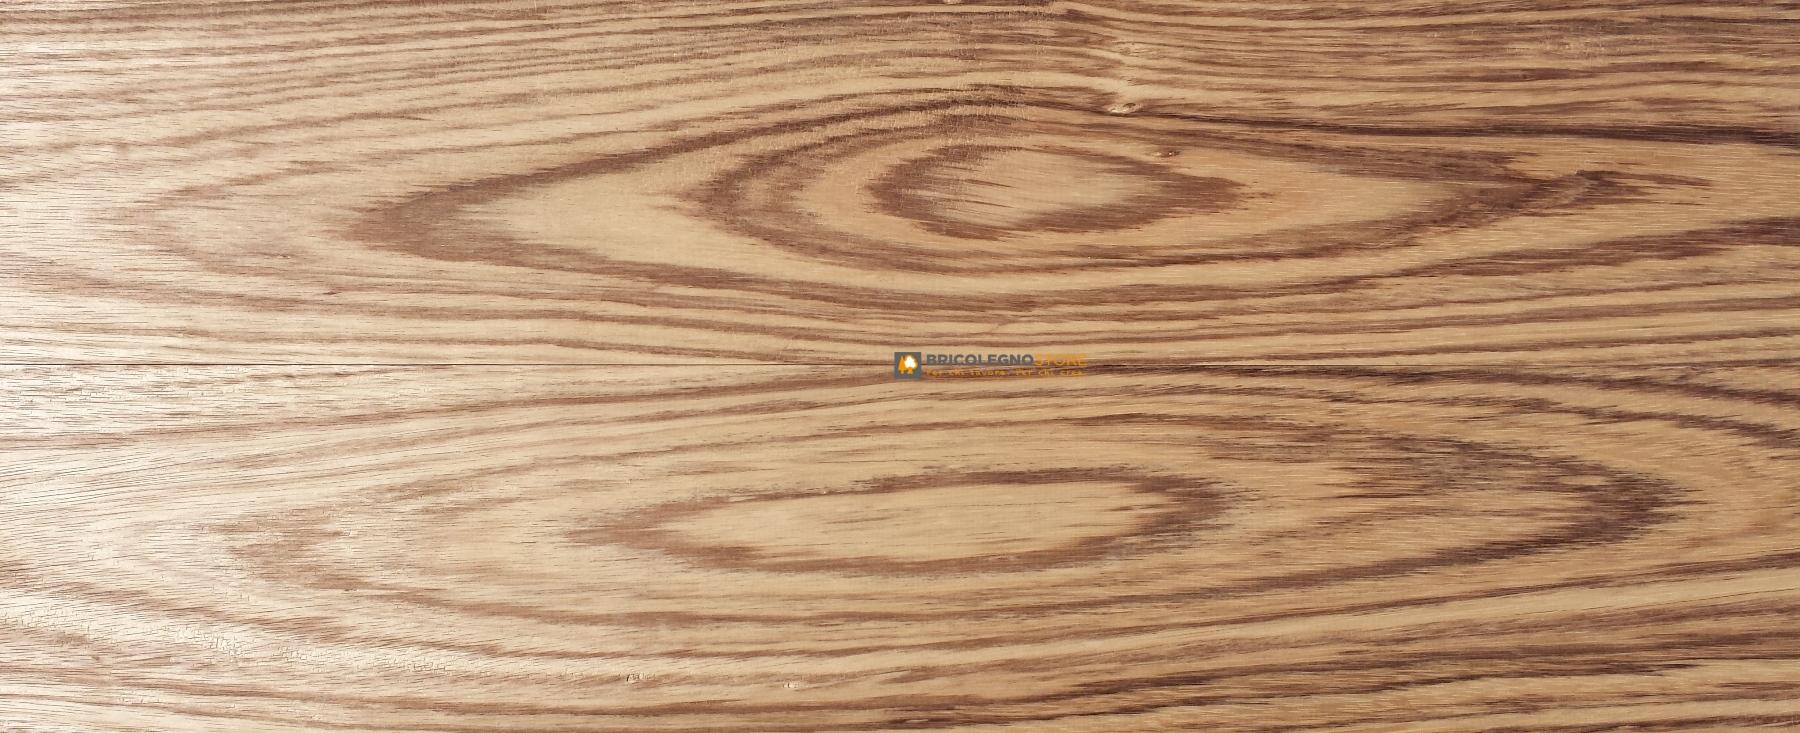 Tavole di legno grezzo 28 images it tavole di legno grezzo beautiful tavole in legno grezzo - Tavole di legno grezzo ...